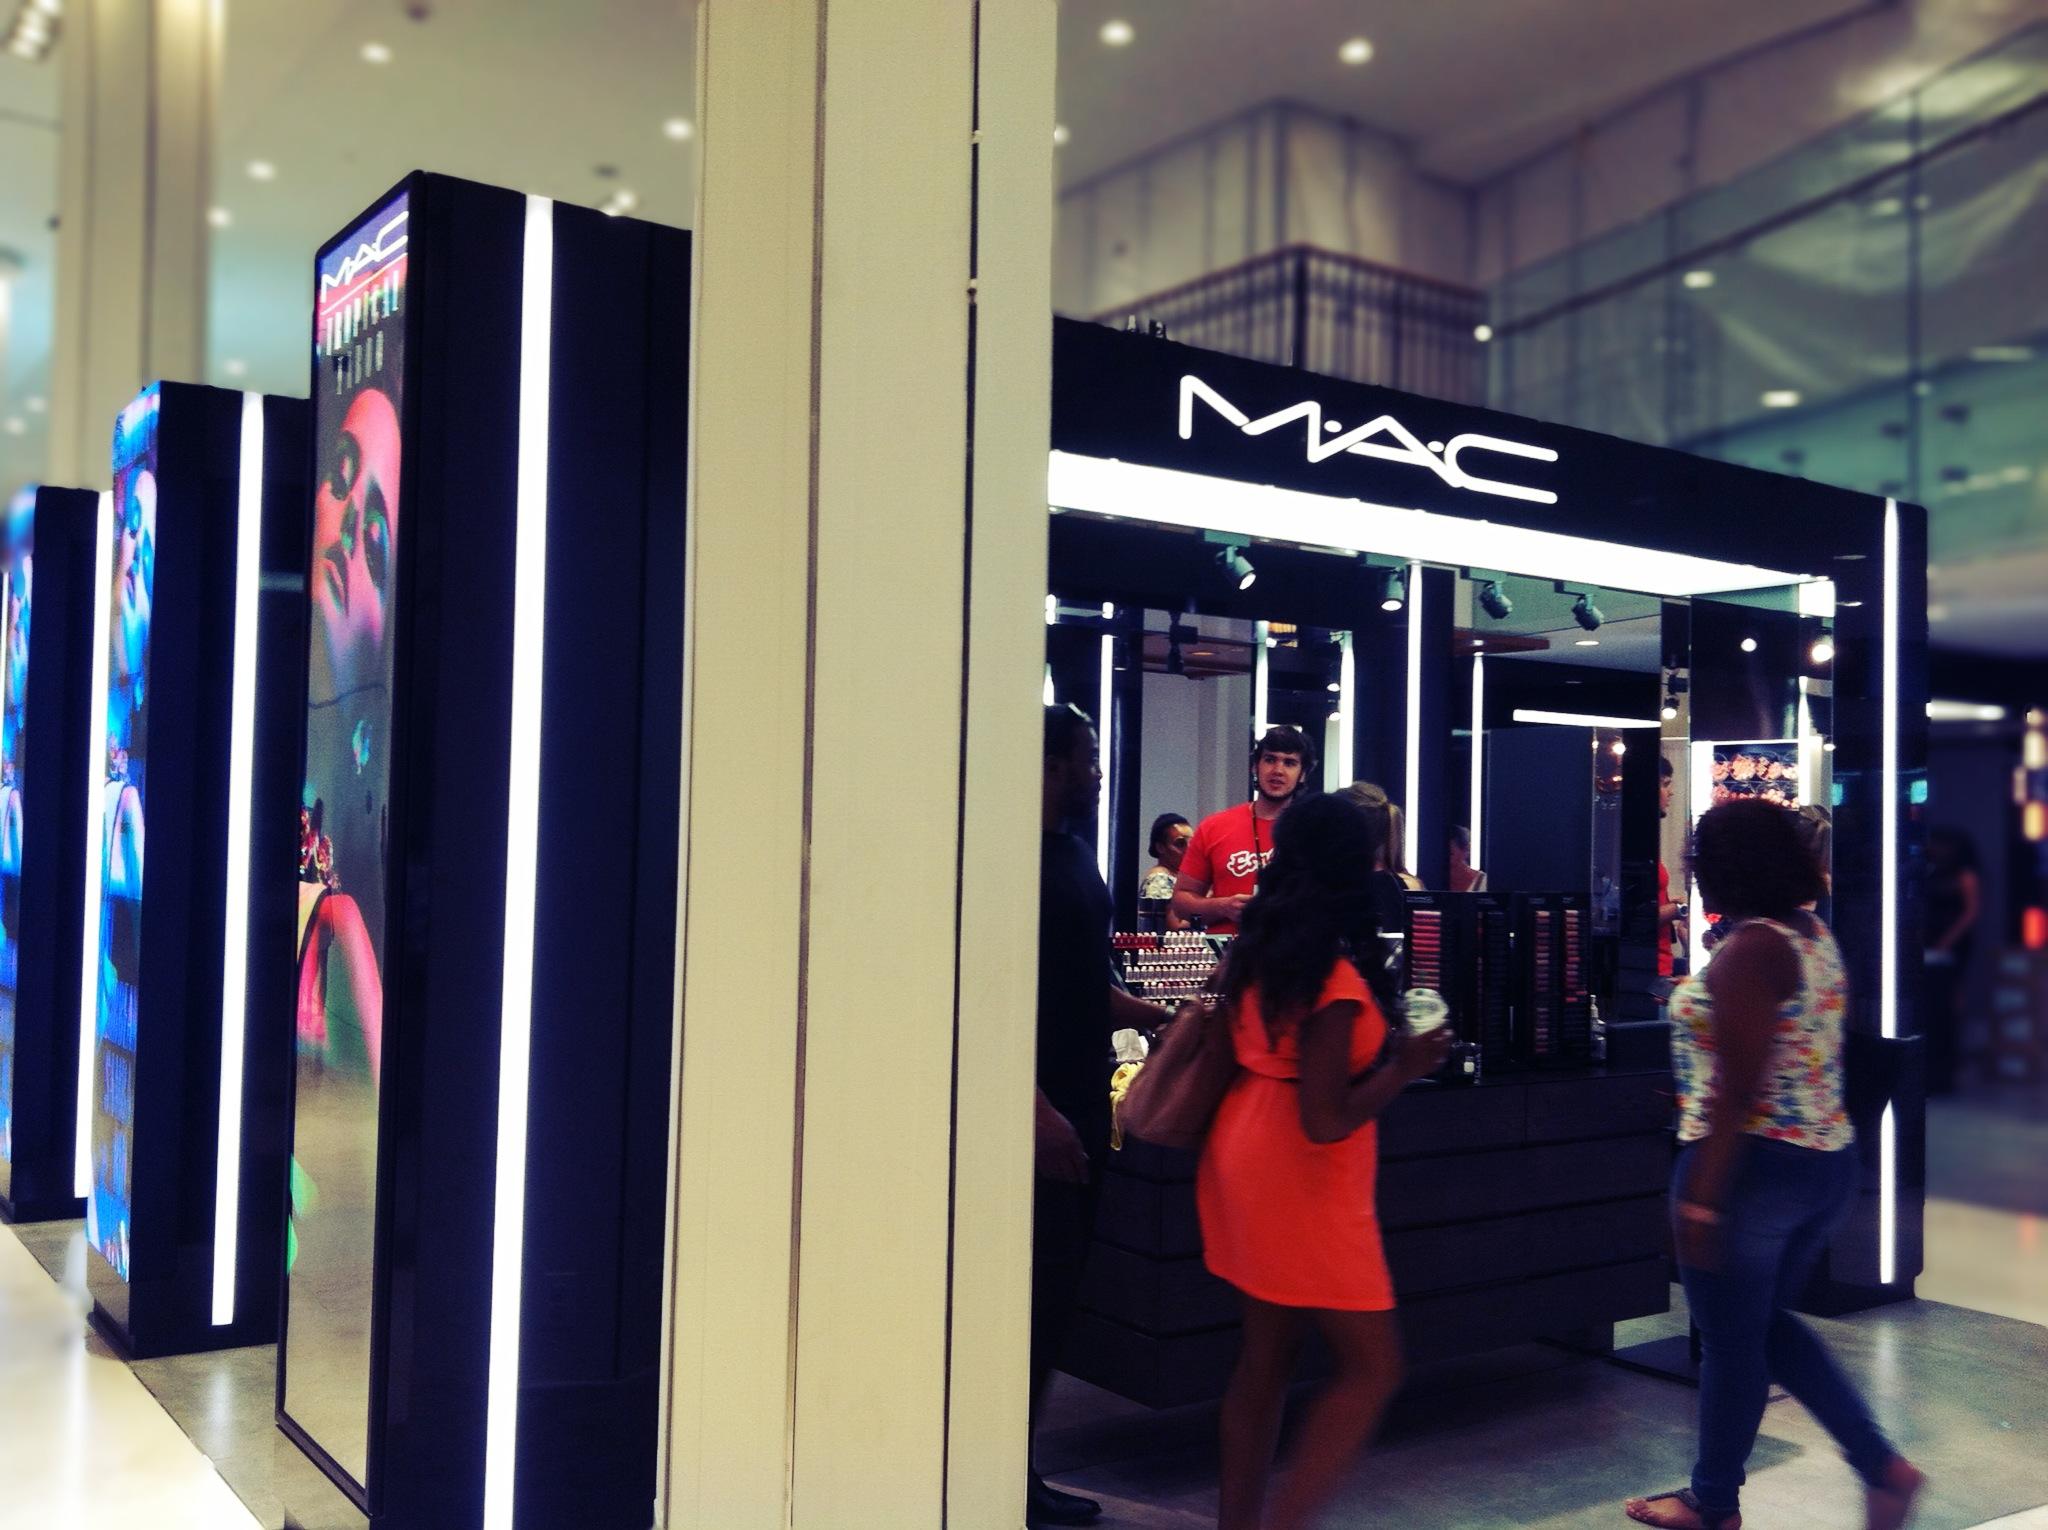 Macys makeup department